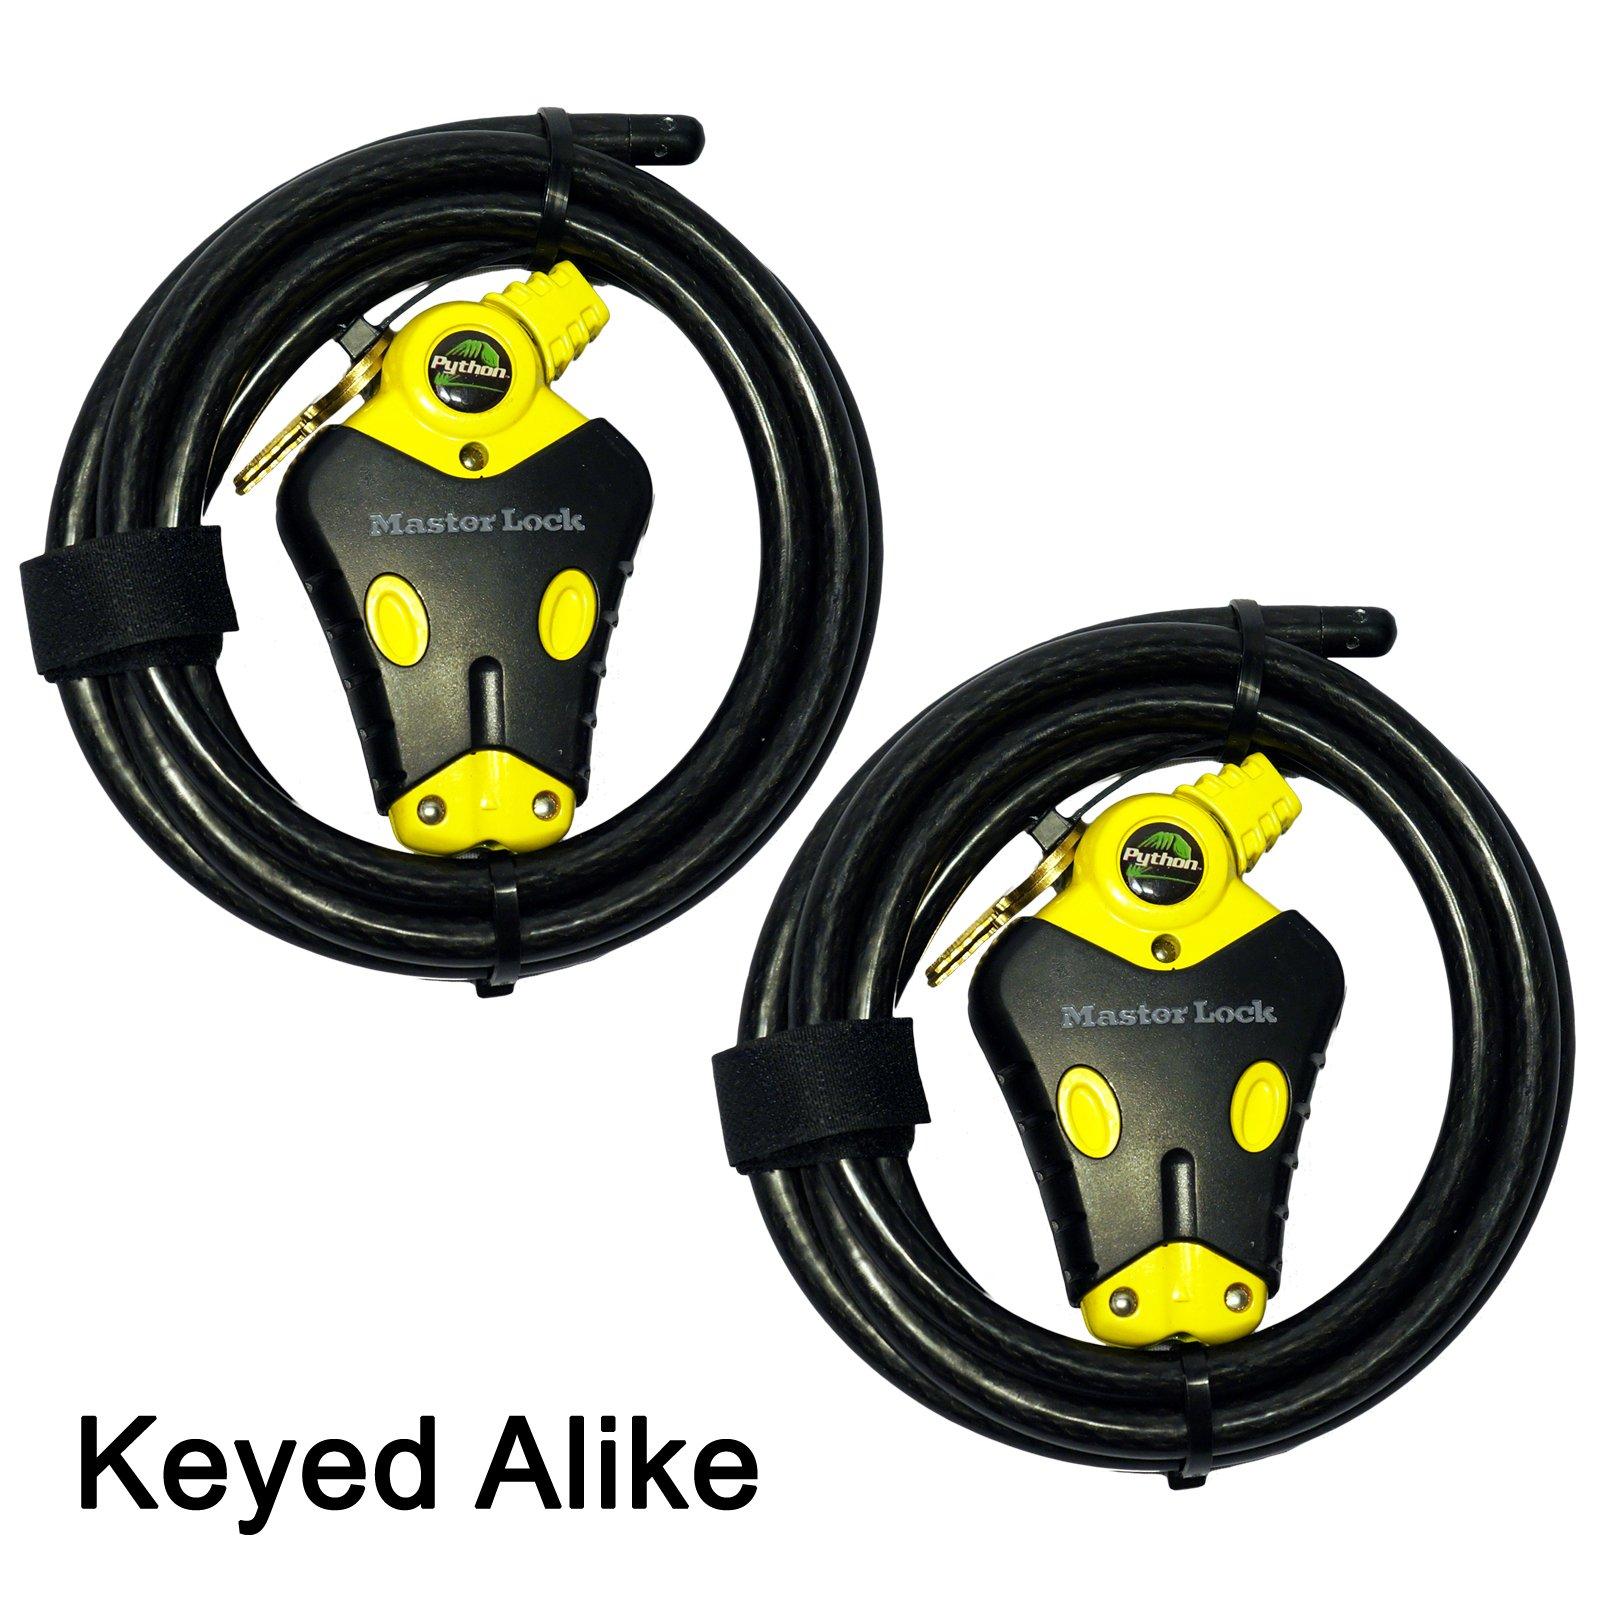 Master Lock - Python Adjustable Cable Locks #8413KA2-6-6